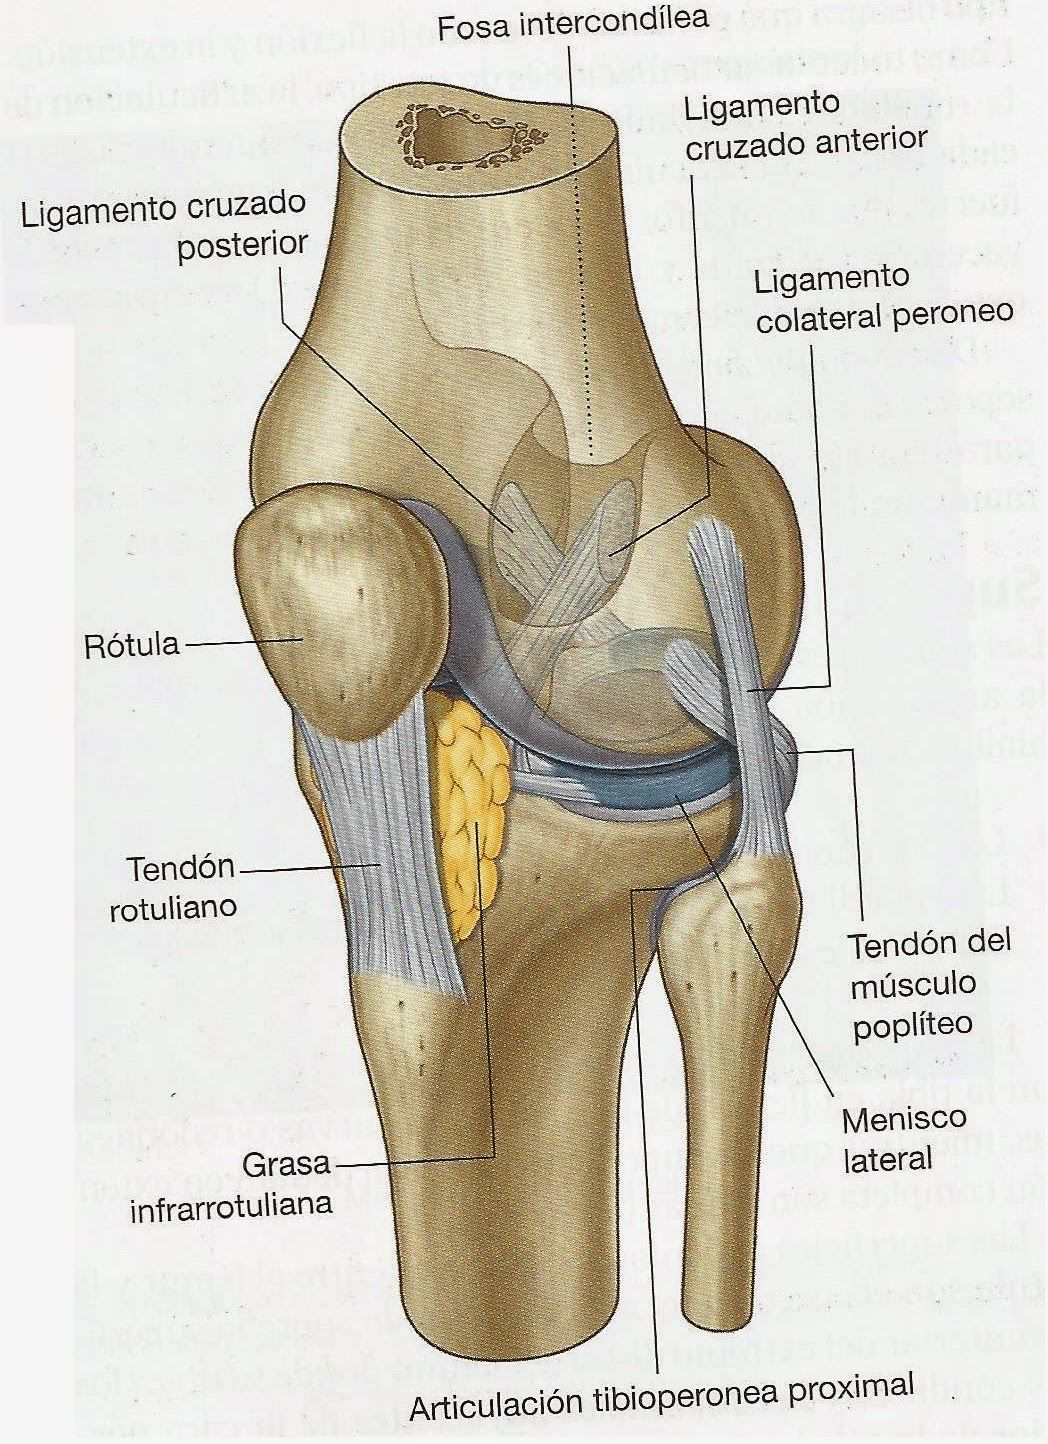 Pin de Alex en Human anatomy | Pinterest | Anatomía, Medicina y ...